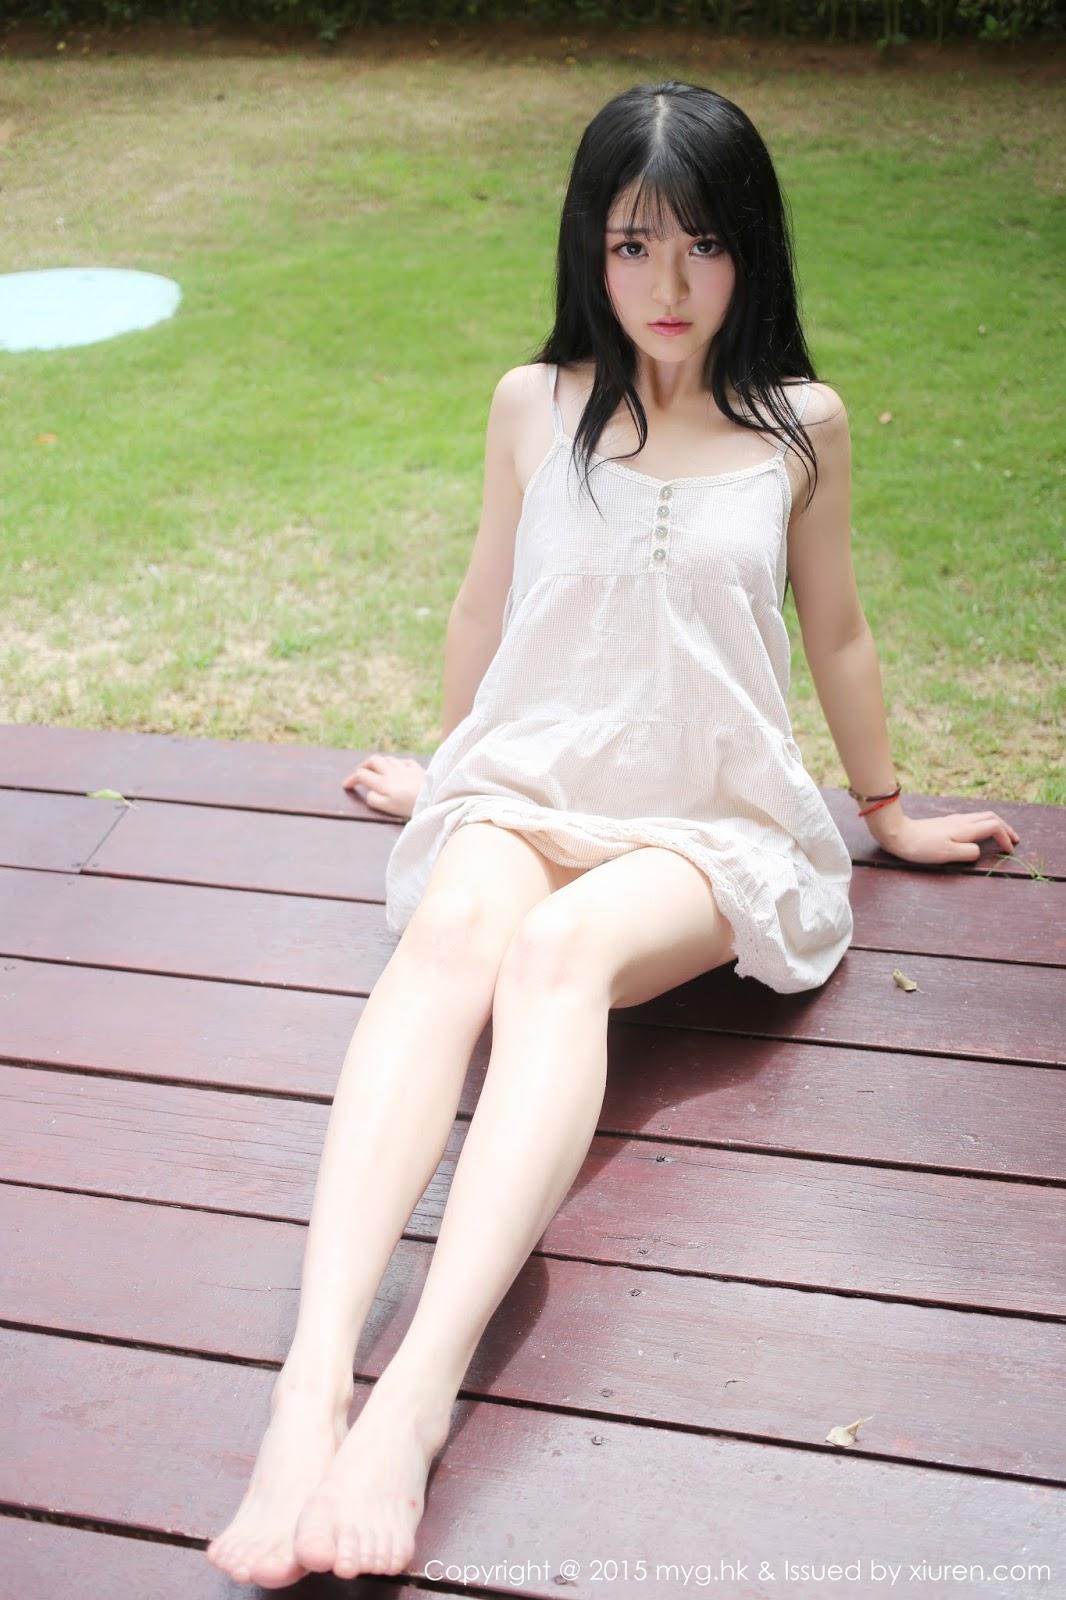 Cute Chinese Teen Model Lu Xiao Qian Sexy Photo Shots